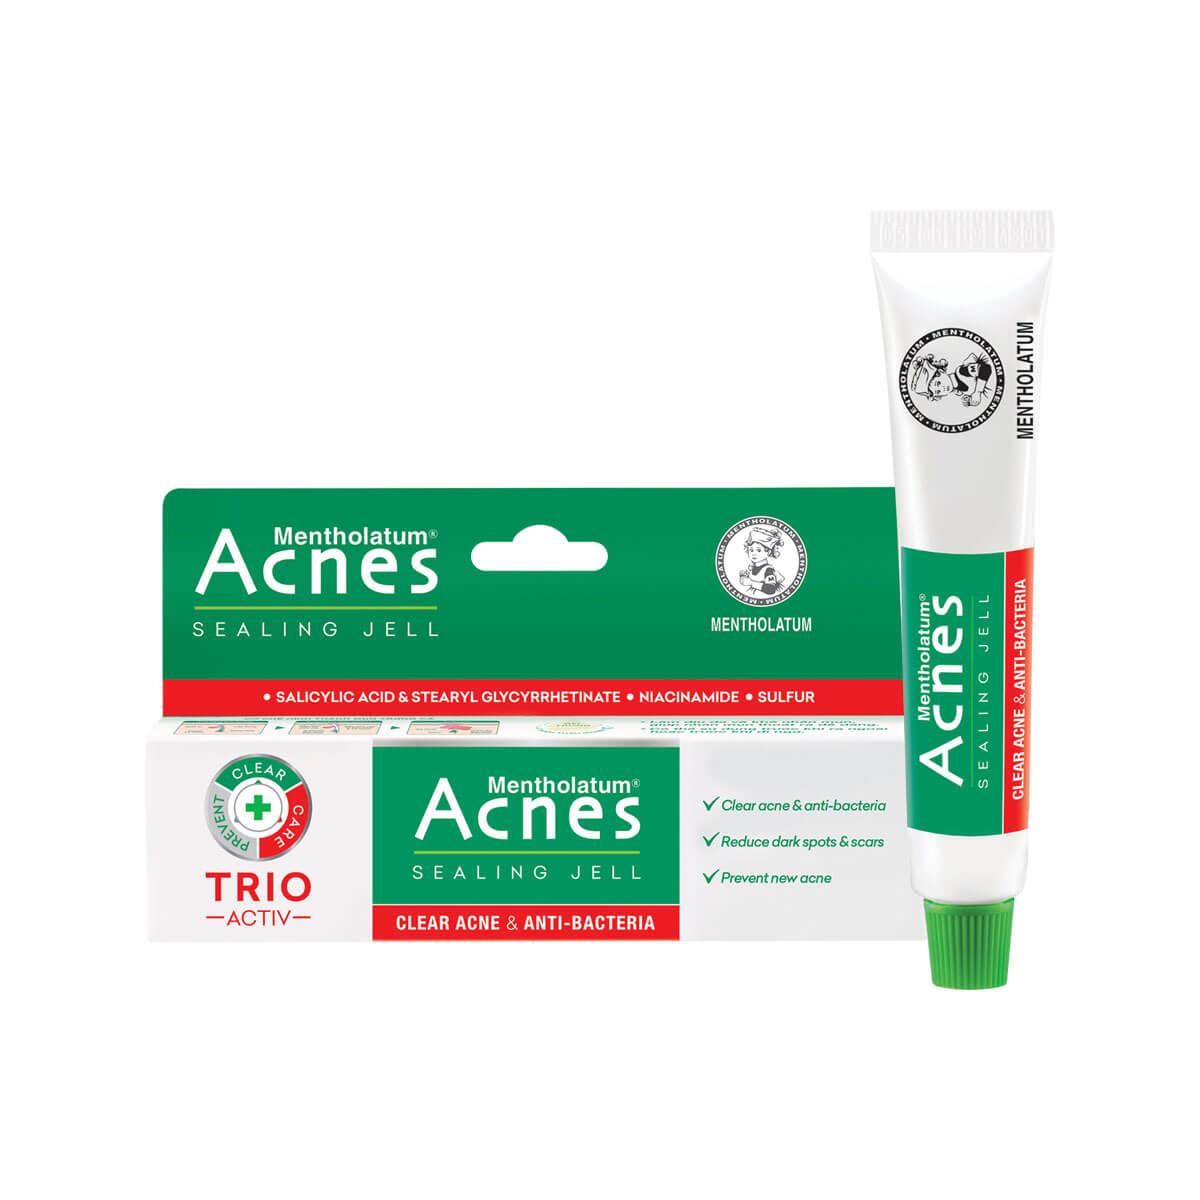 Acnes Sealing Jell - Gel Ngừa Mụn, Kháng Khuẩn. Giúp bạn trị mụn bọc, mụn đầu đen và các loại mụn khác